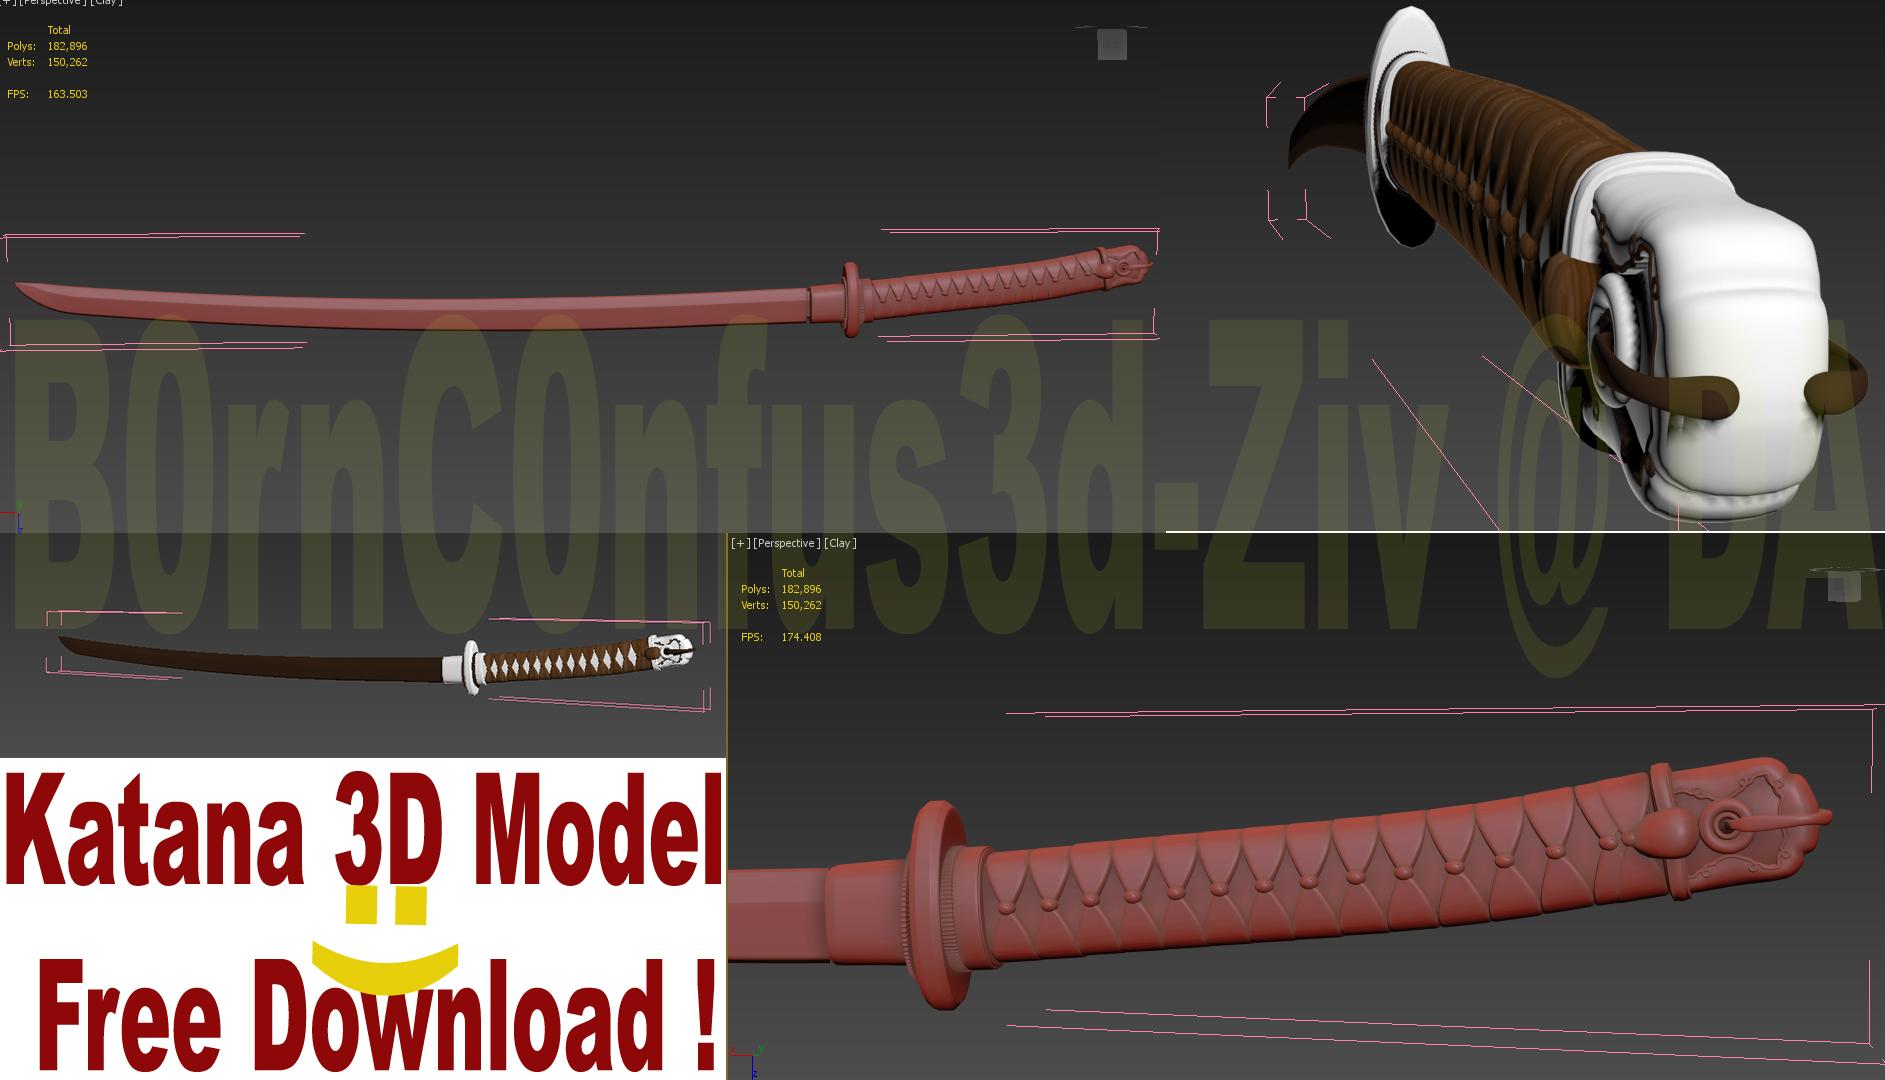 katana 3d model free download by b0rnc0nfus3d on deviantart. Black Bedroom Furniture Sets. Home Design Ideas